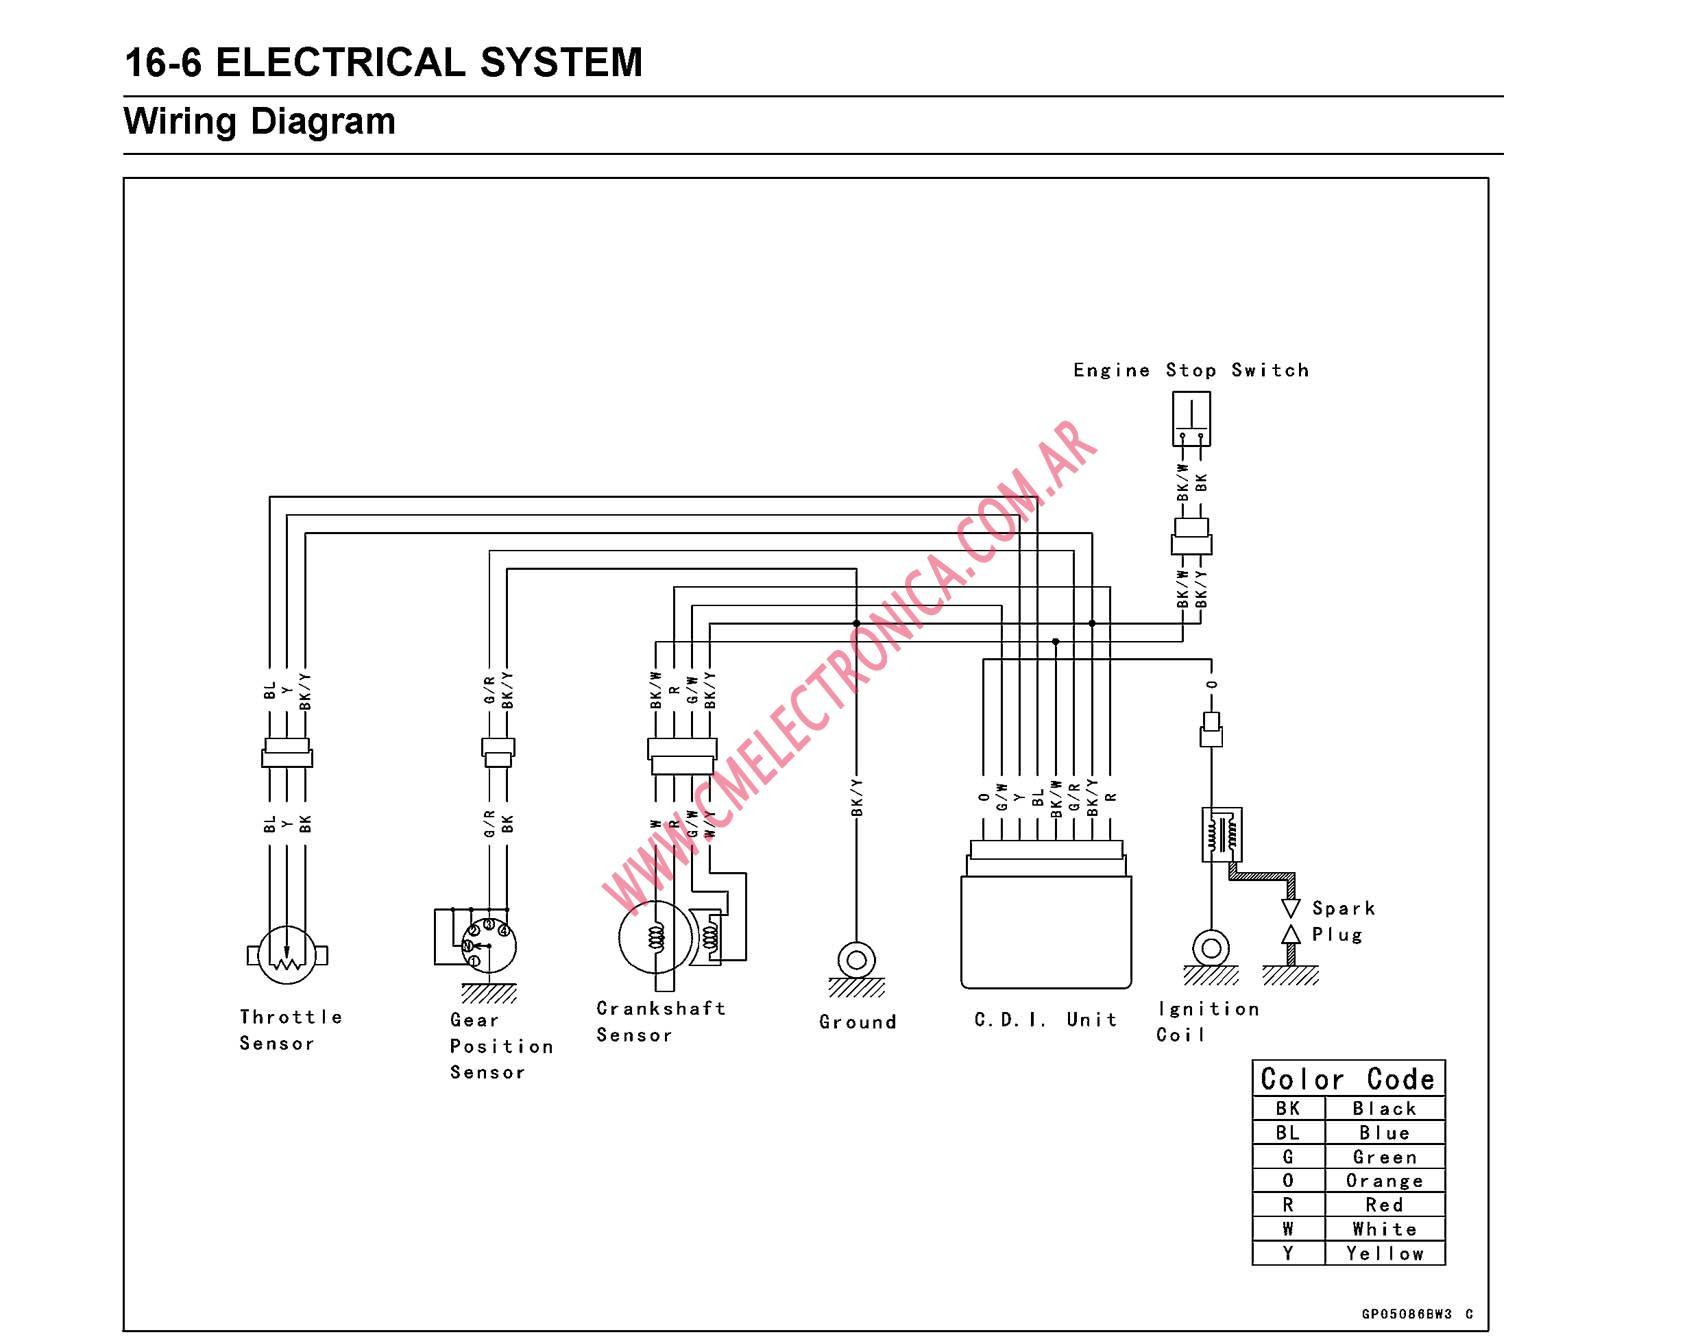 kawasaki kx80 wiring diagram online wiring diagram  kawasaki kx80 wiring diagram #6